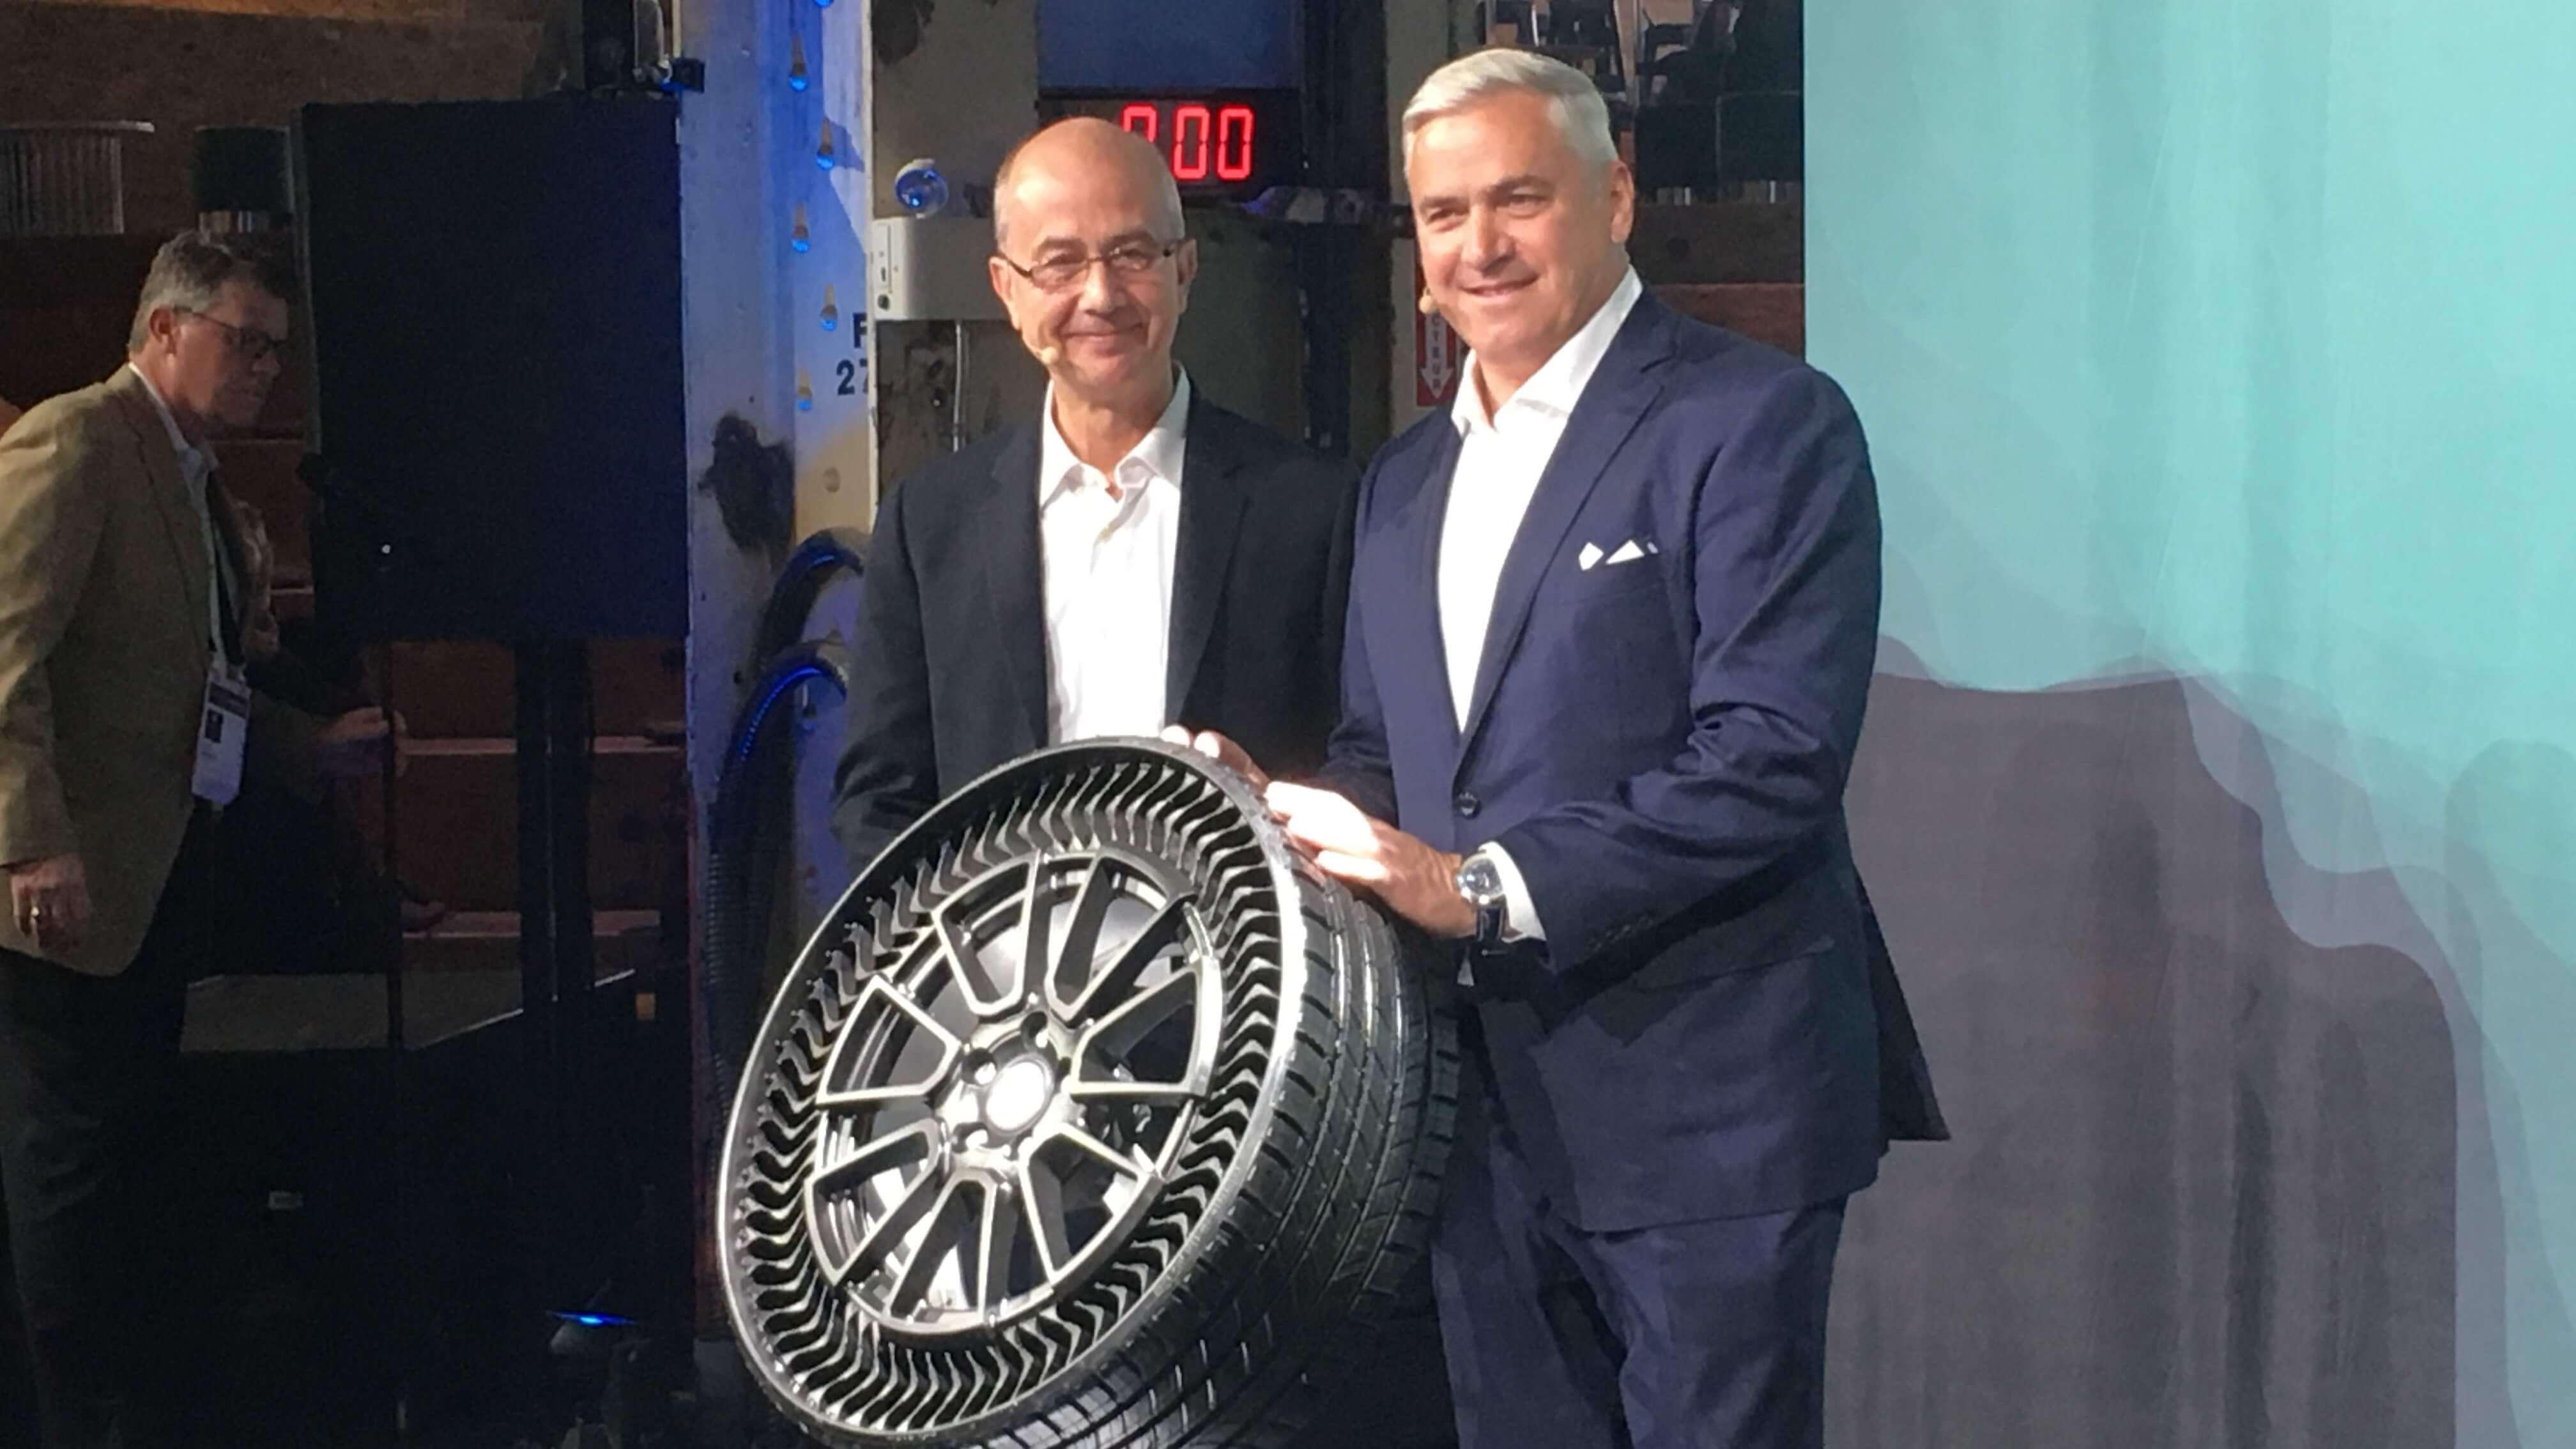 Эрик Винесс из Michelin и Стив Кифер из GM с концептуальной разработкой Michelin Uptis